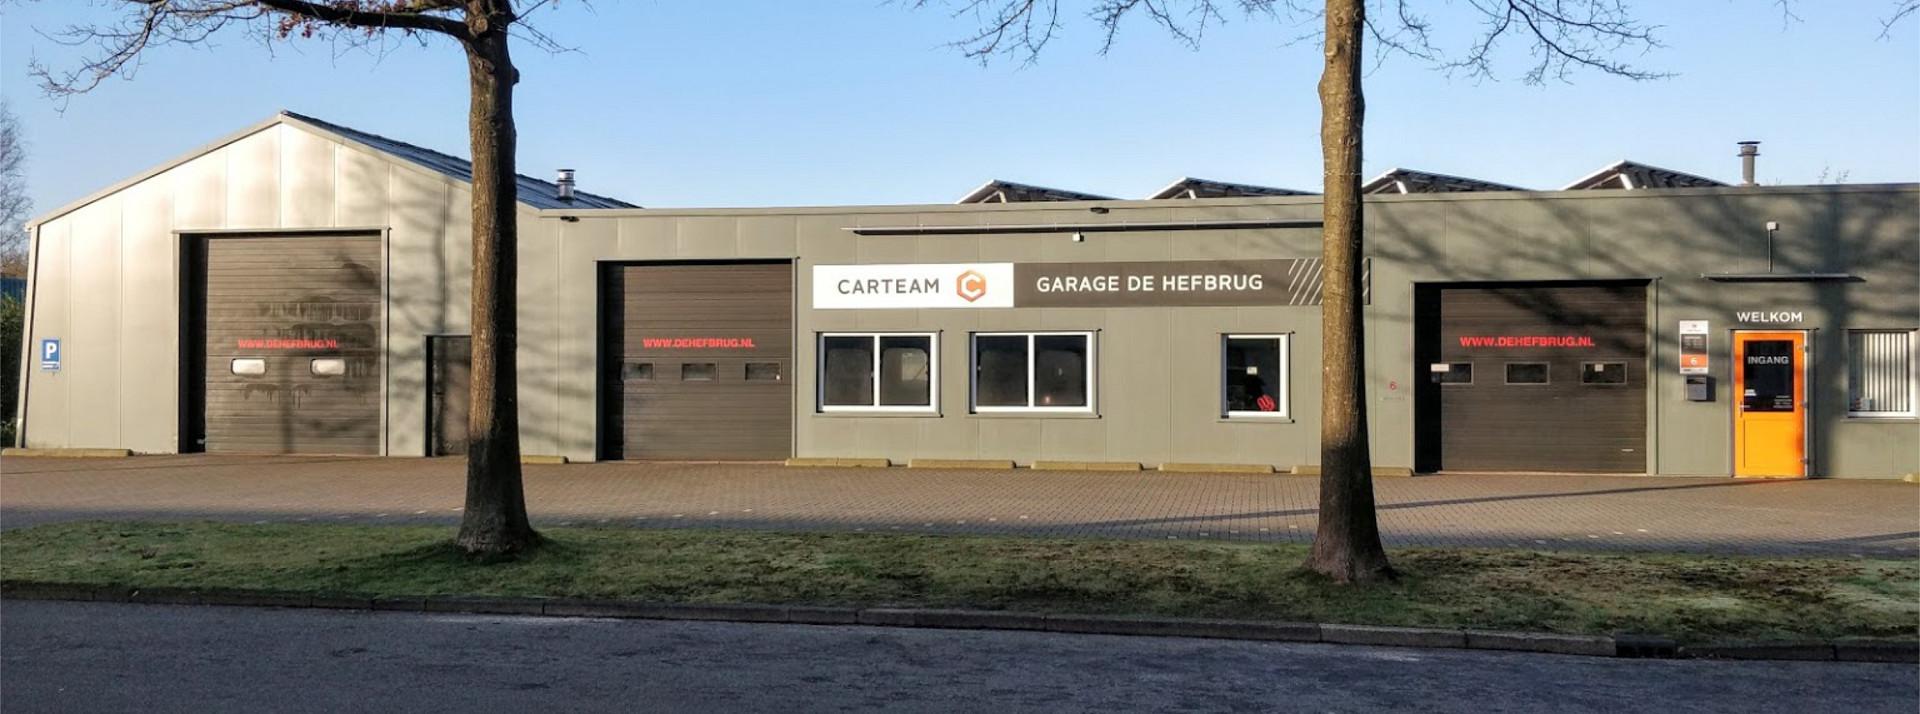 Carteam Garage de Hefbrug